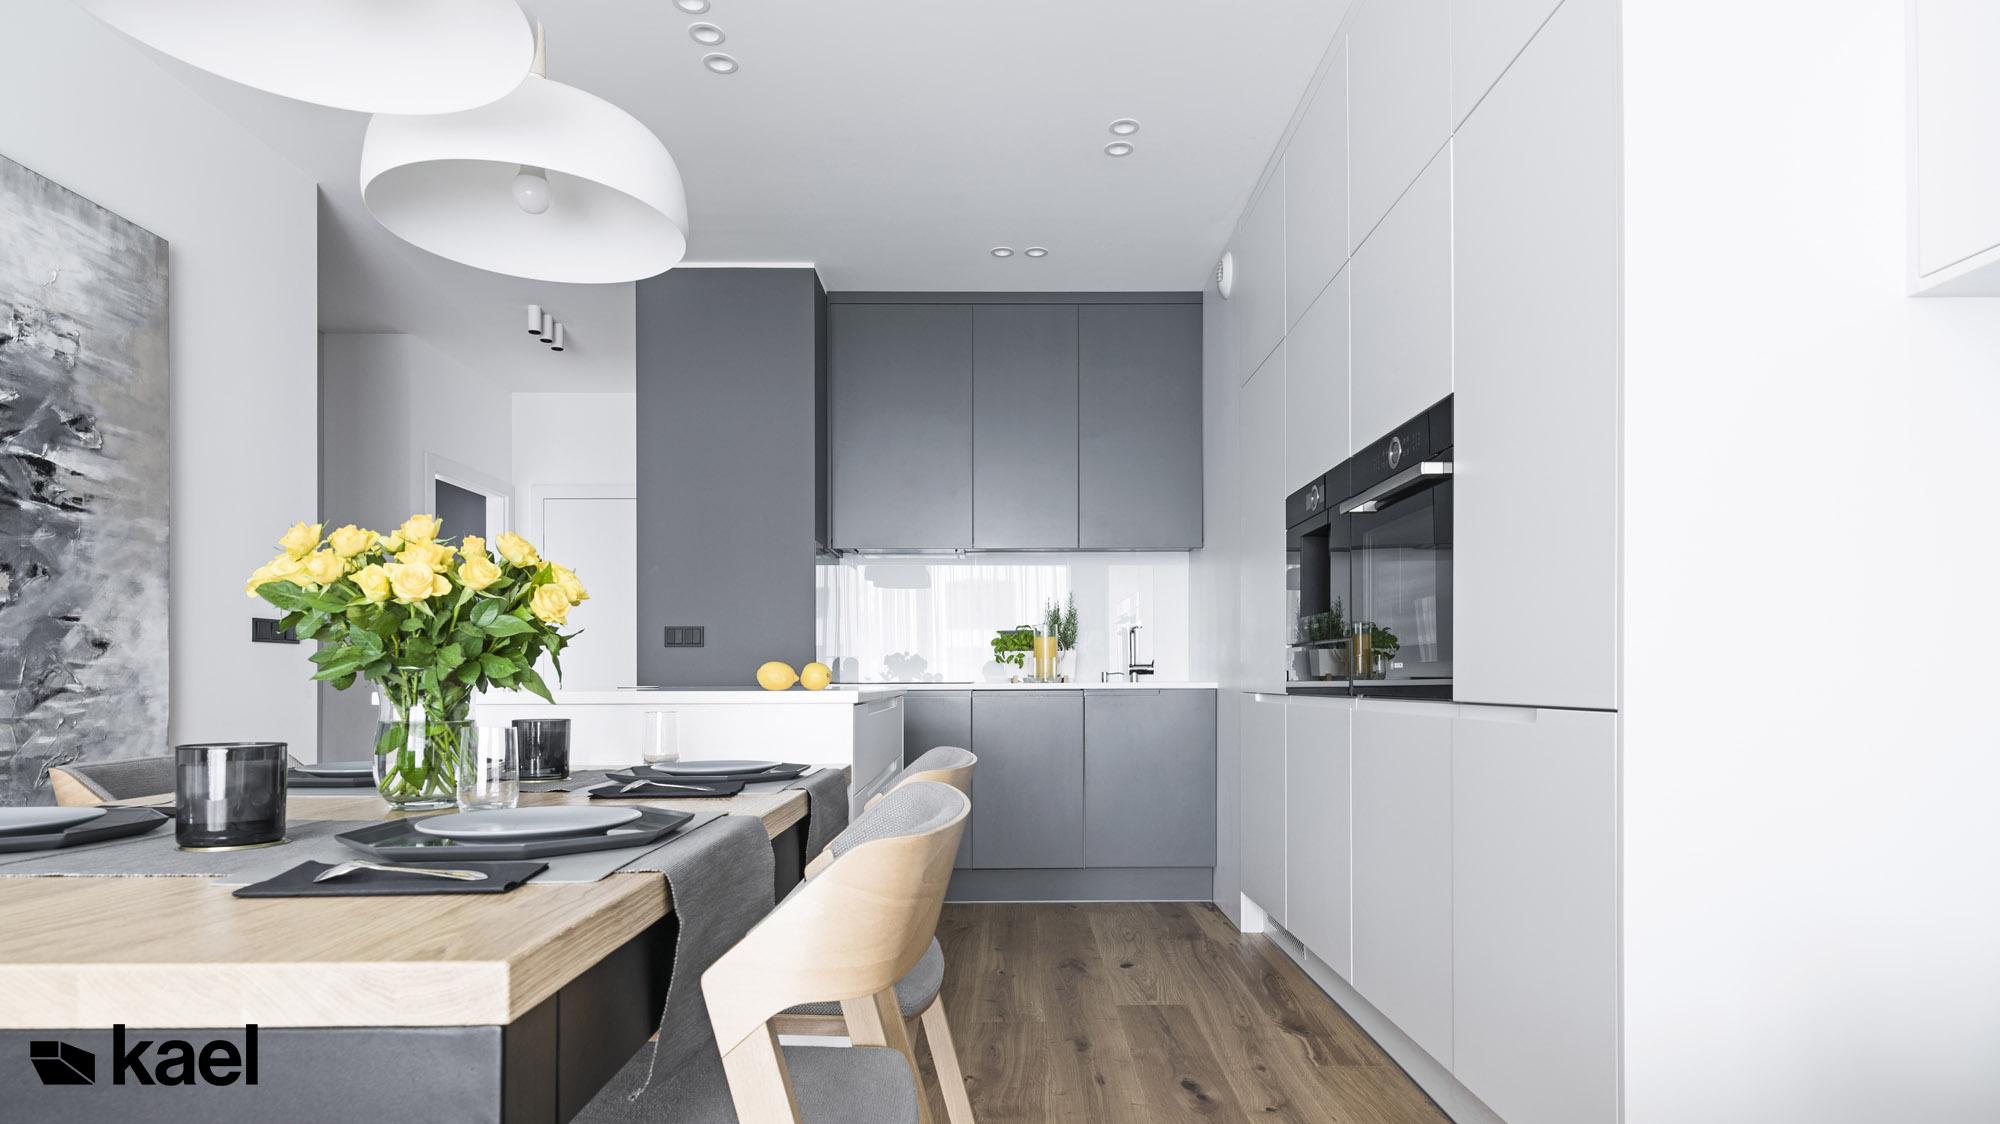 Minimalistyczna kuchnia w mieszkaniu.